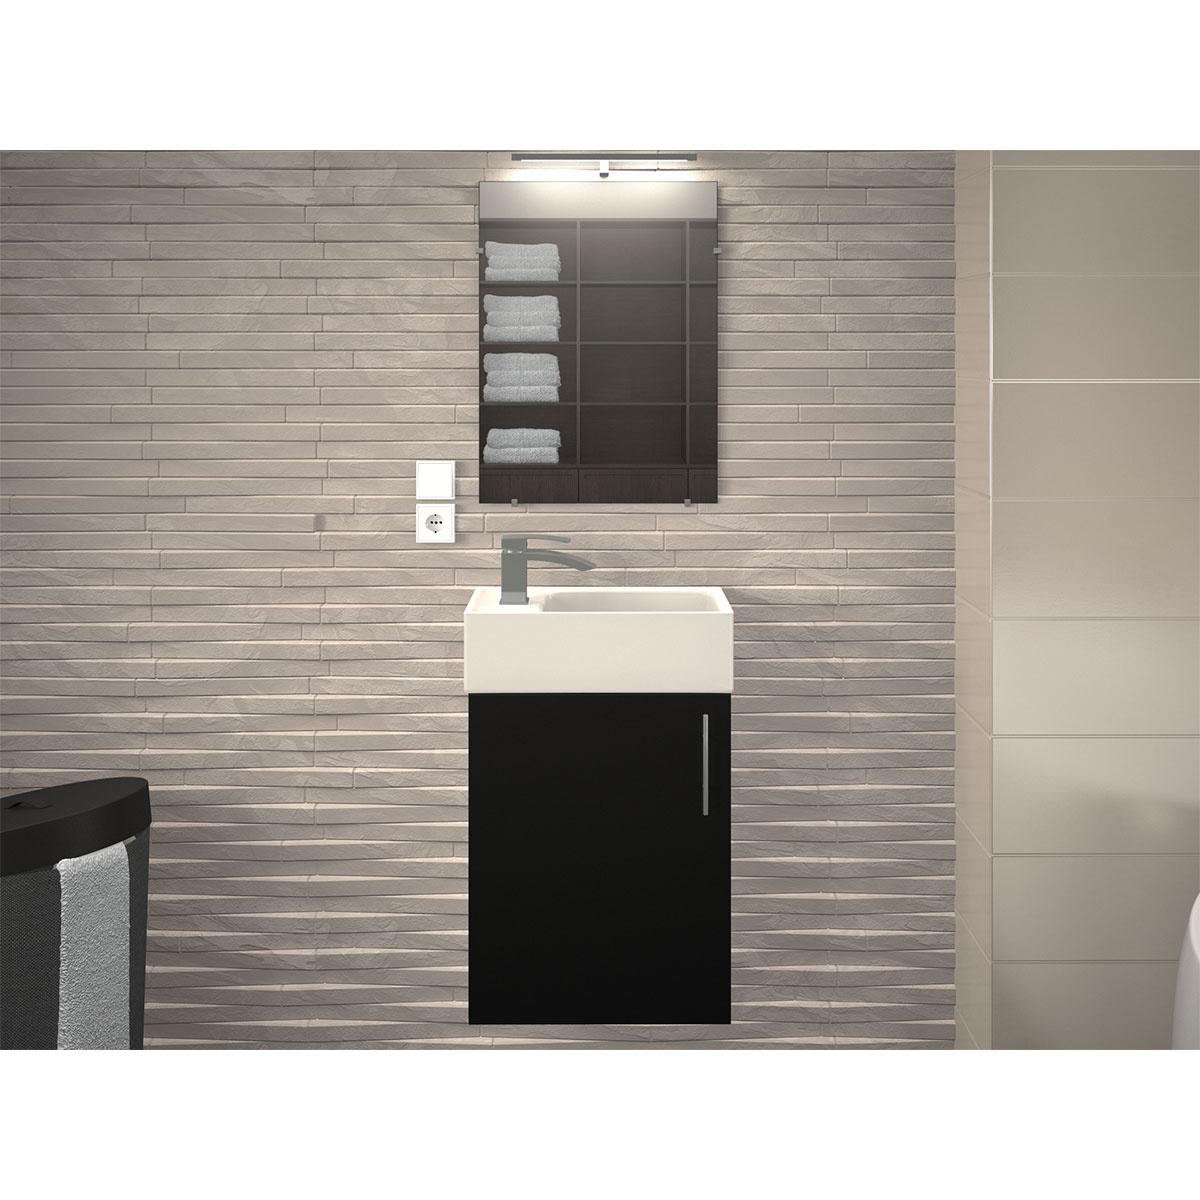 Ensemble meuble et vasque pour petit espace (Noir)